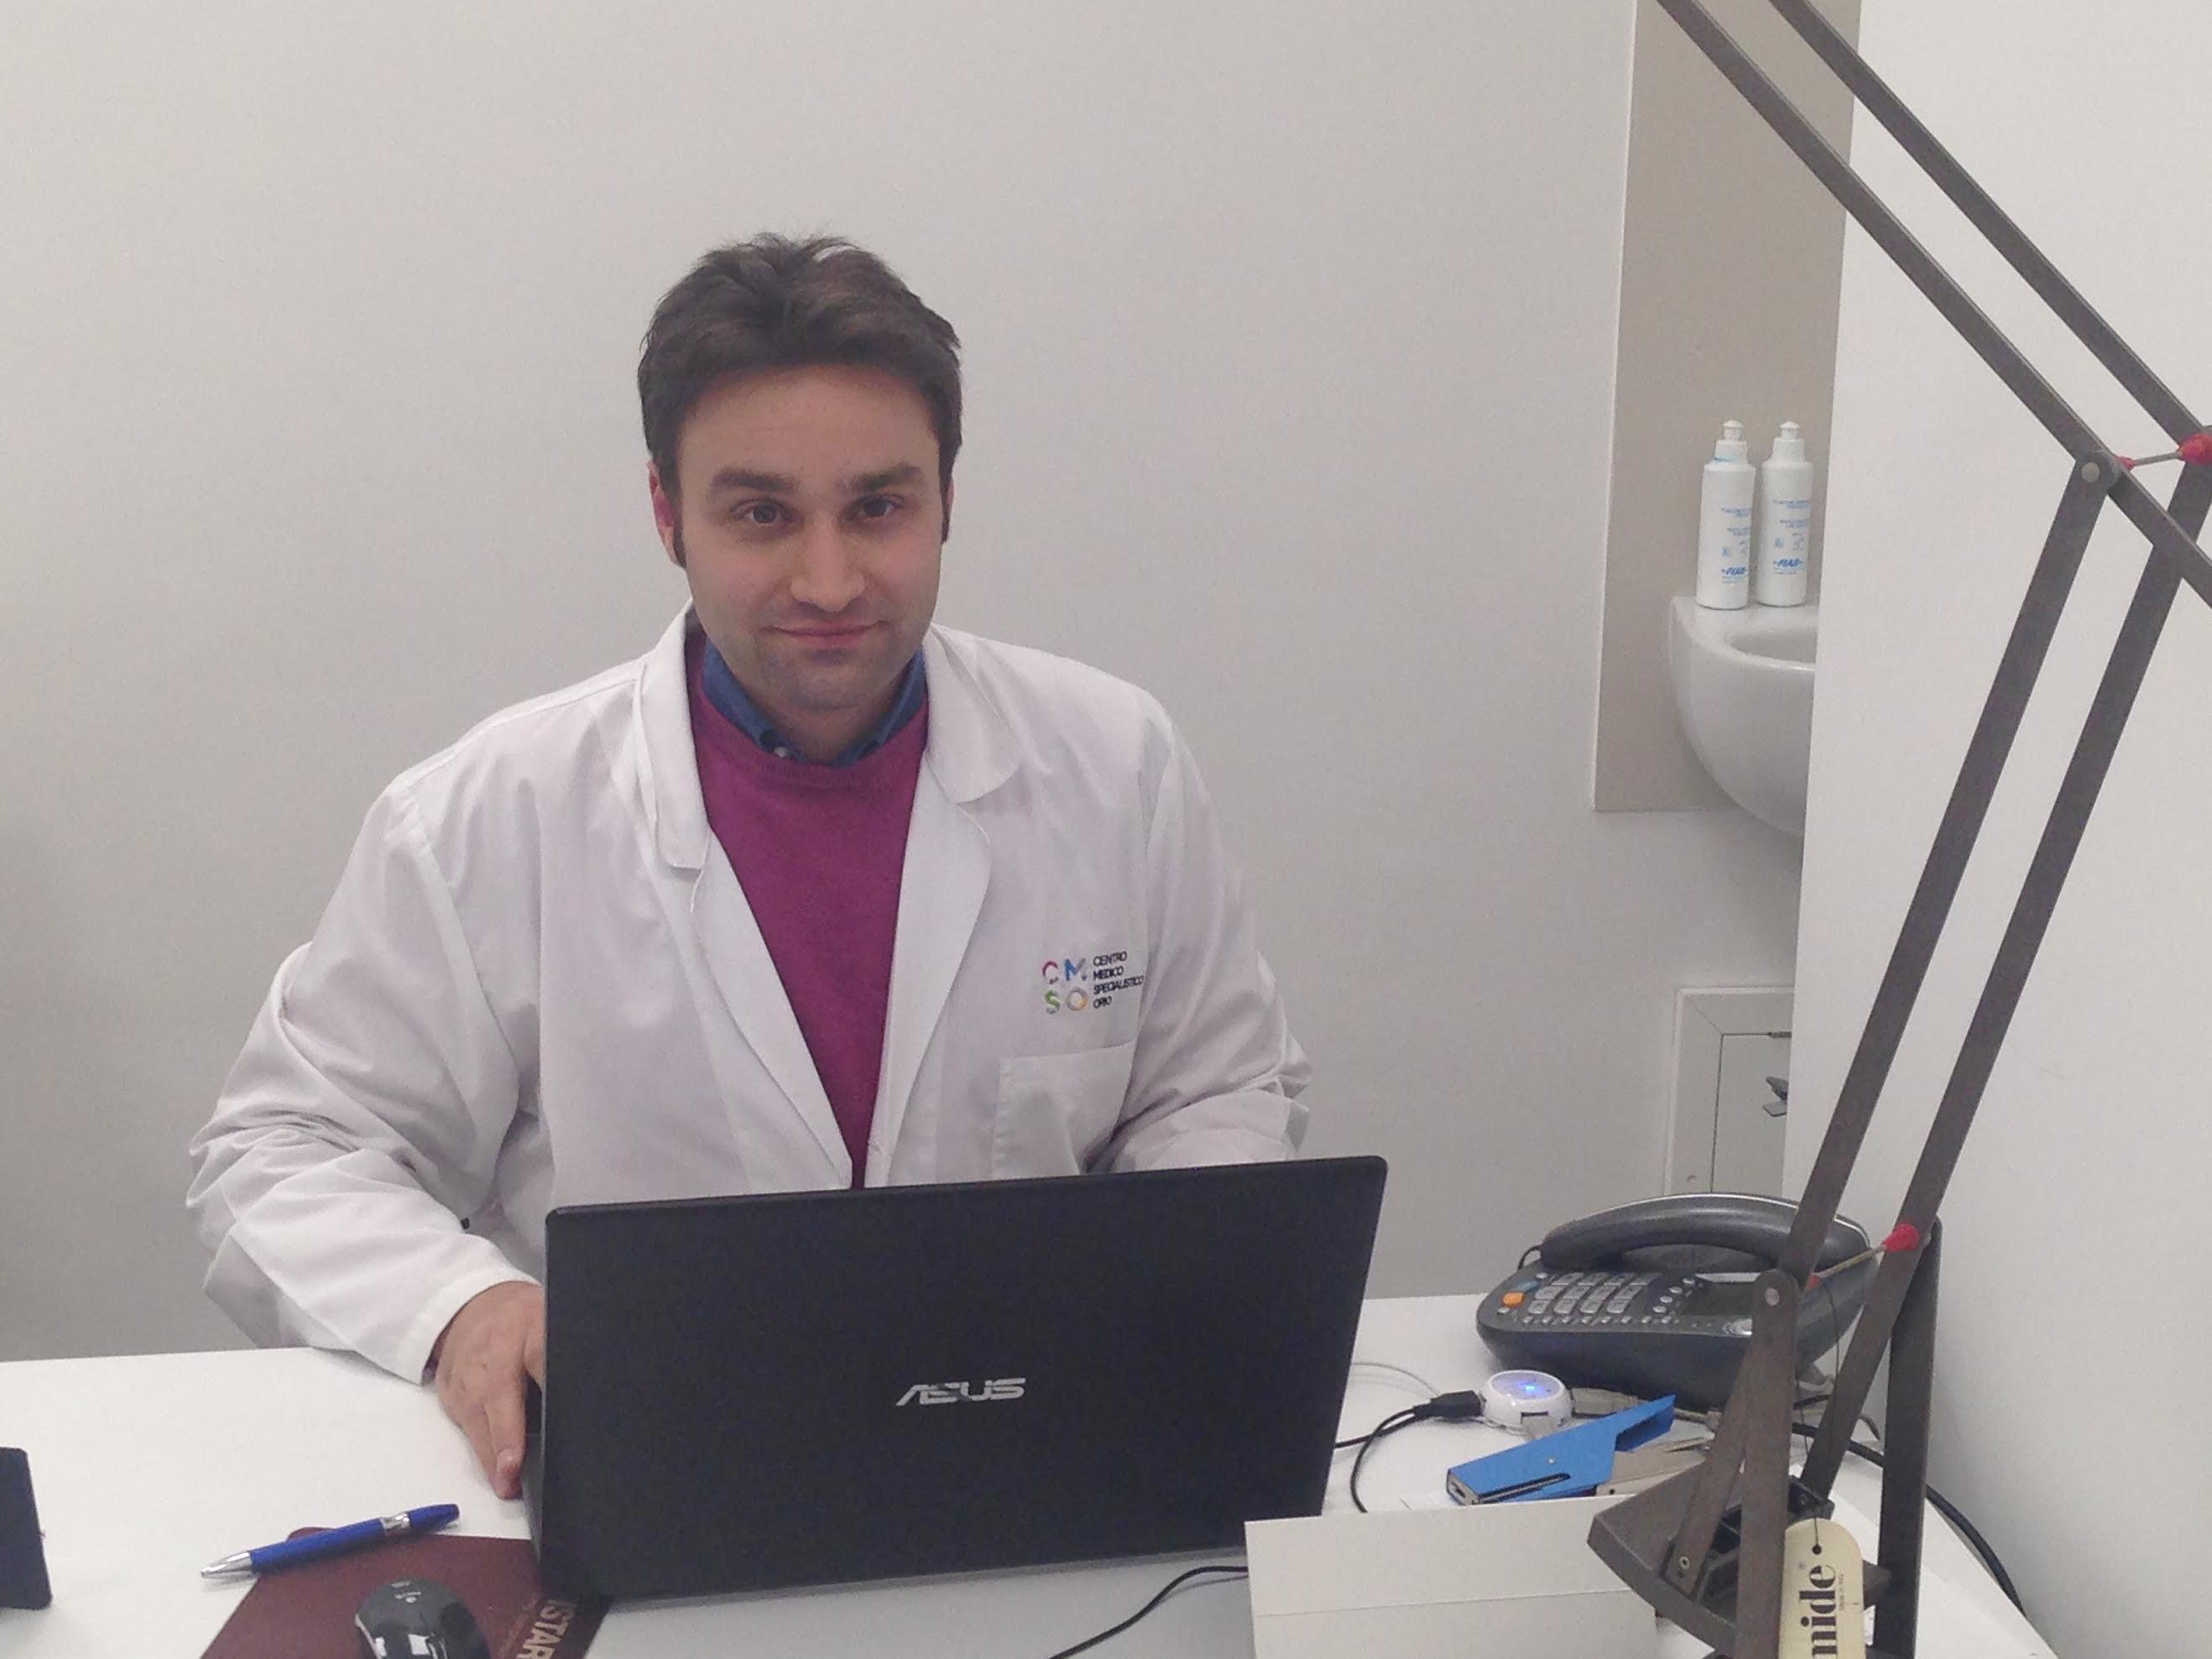 Conosciamoci Meglio: il Dott. Carlo Iadevaia, specialista Pneumologo del CMSO